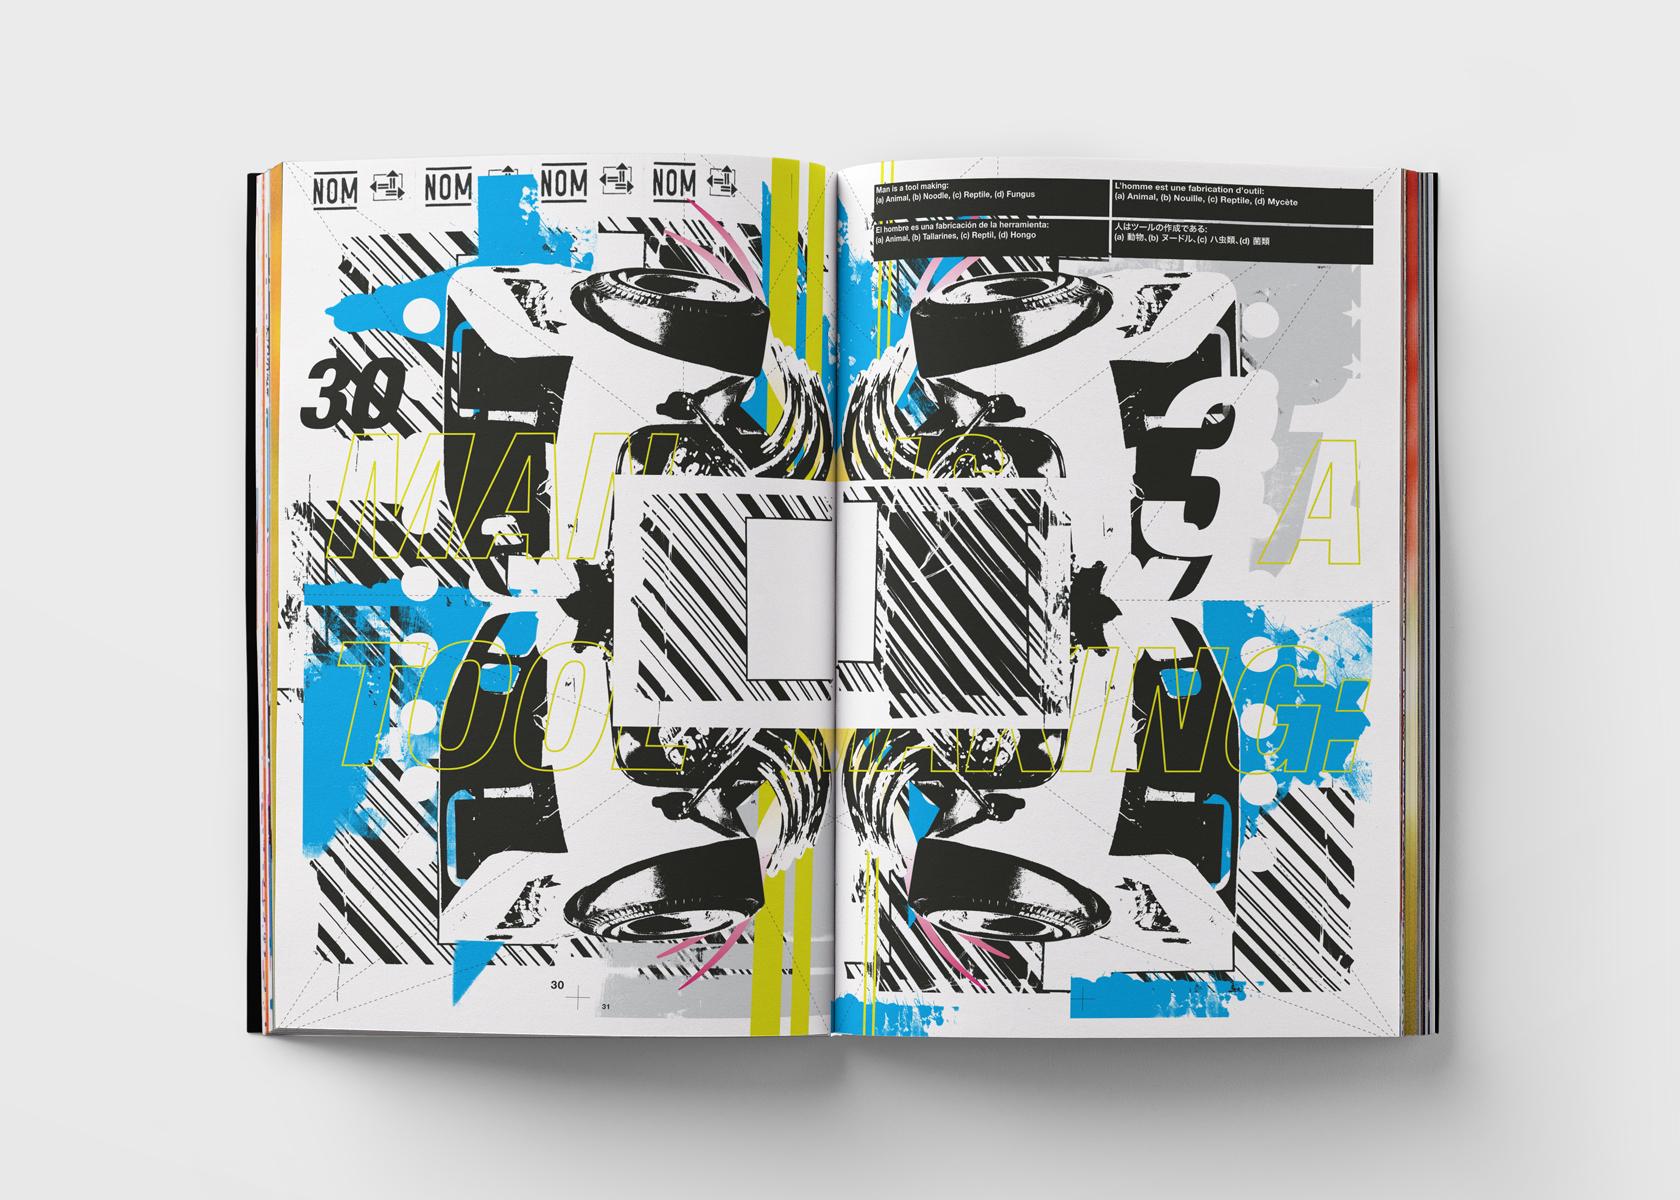 Auto_Pilots_Book_Spread_06_12Col